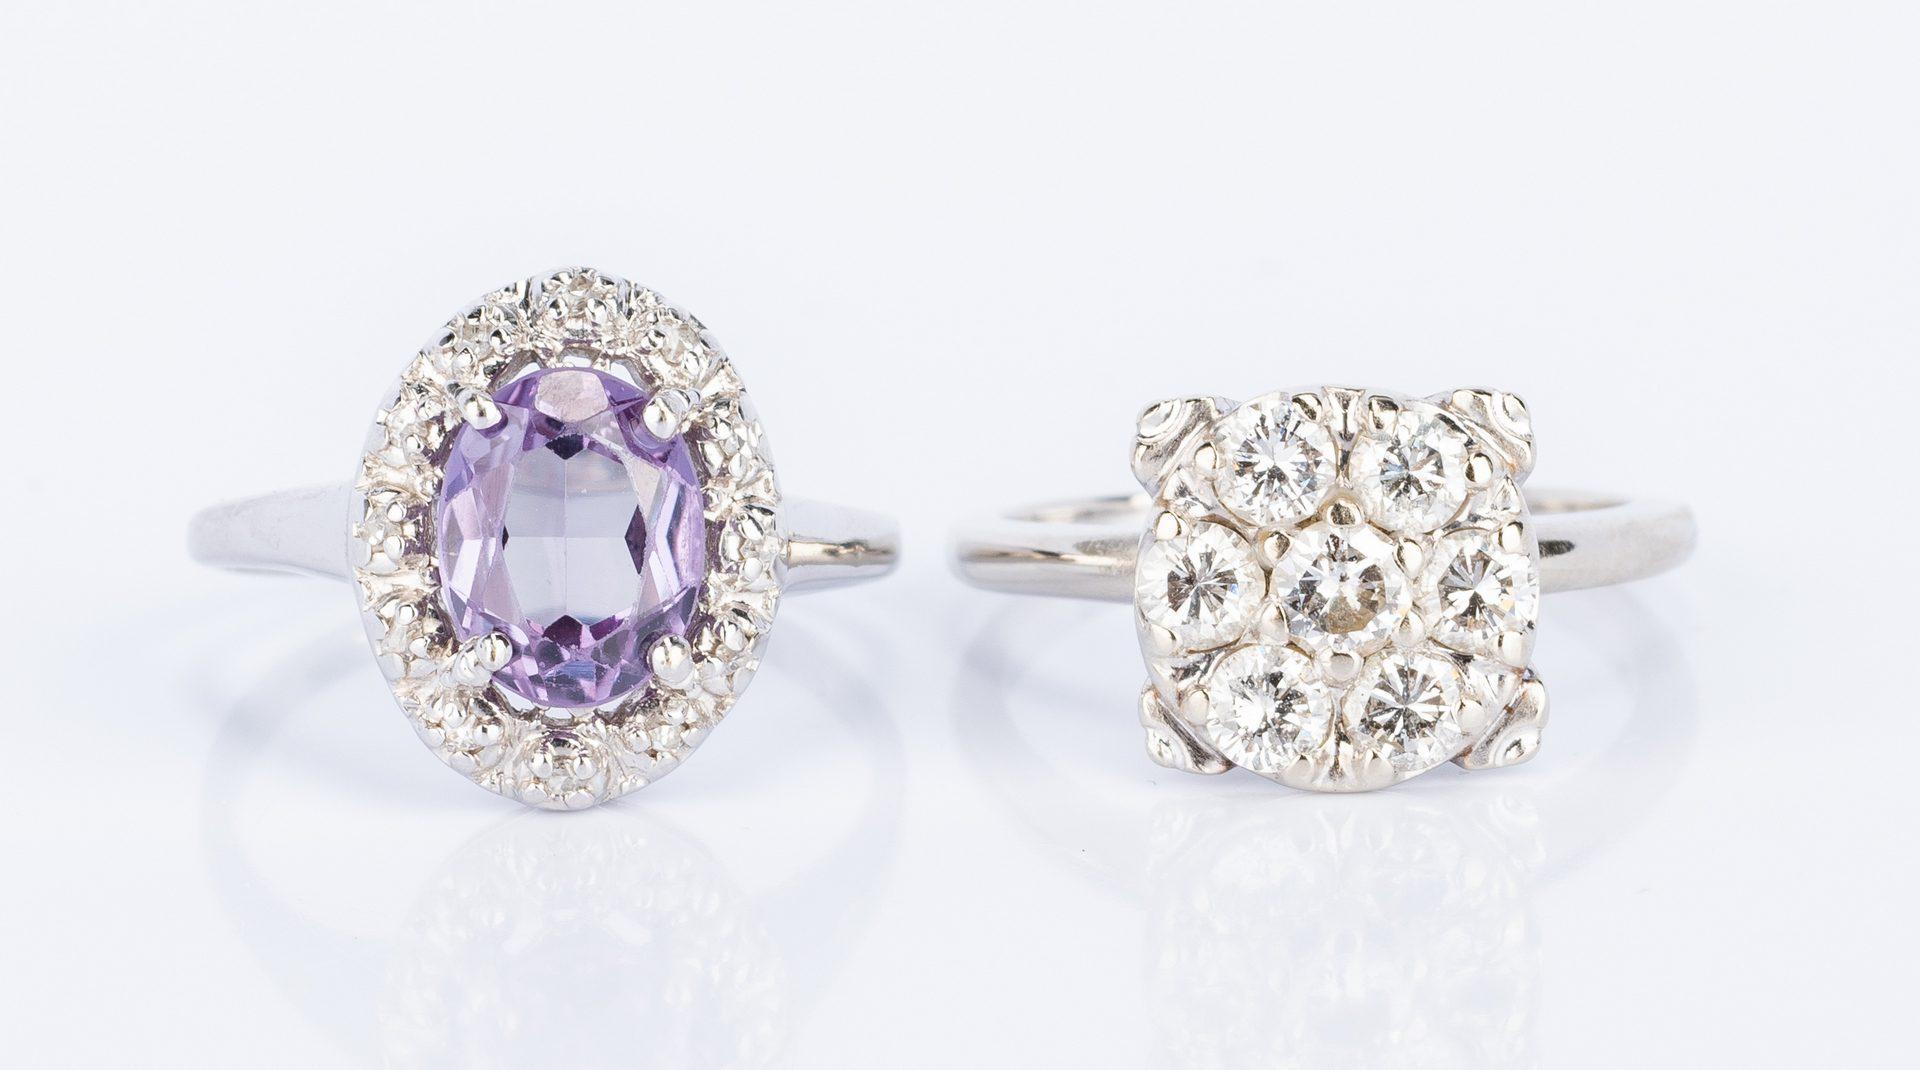 Lot 48: 3 14K diamond gemstone jewelry items